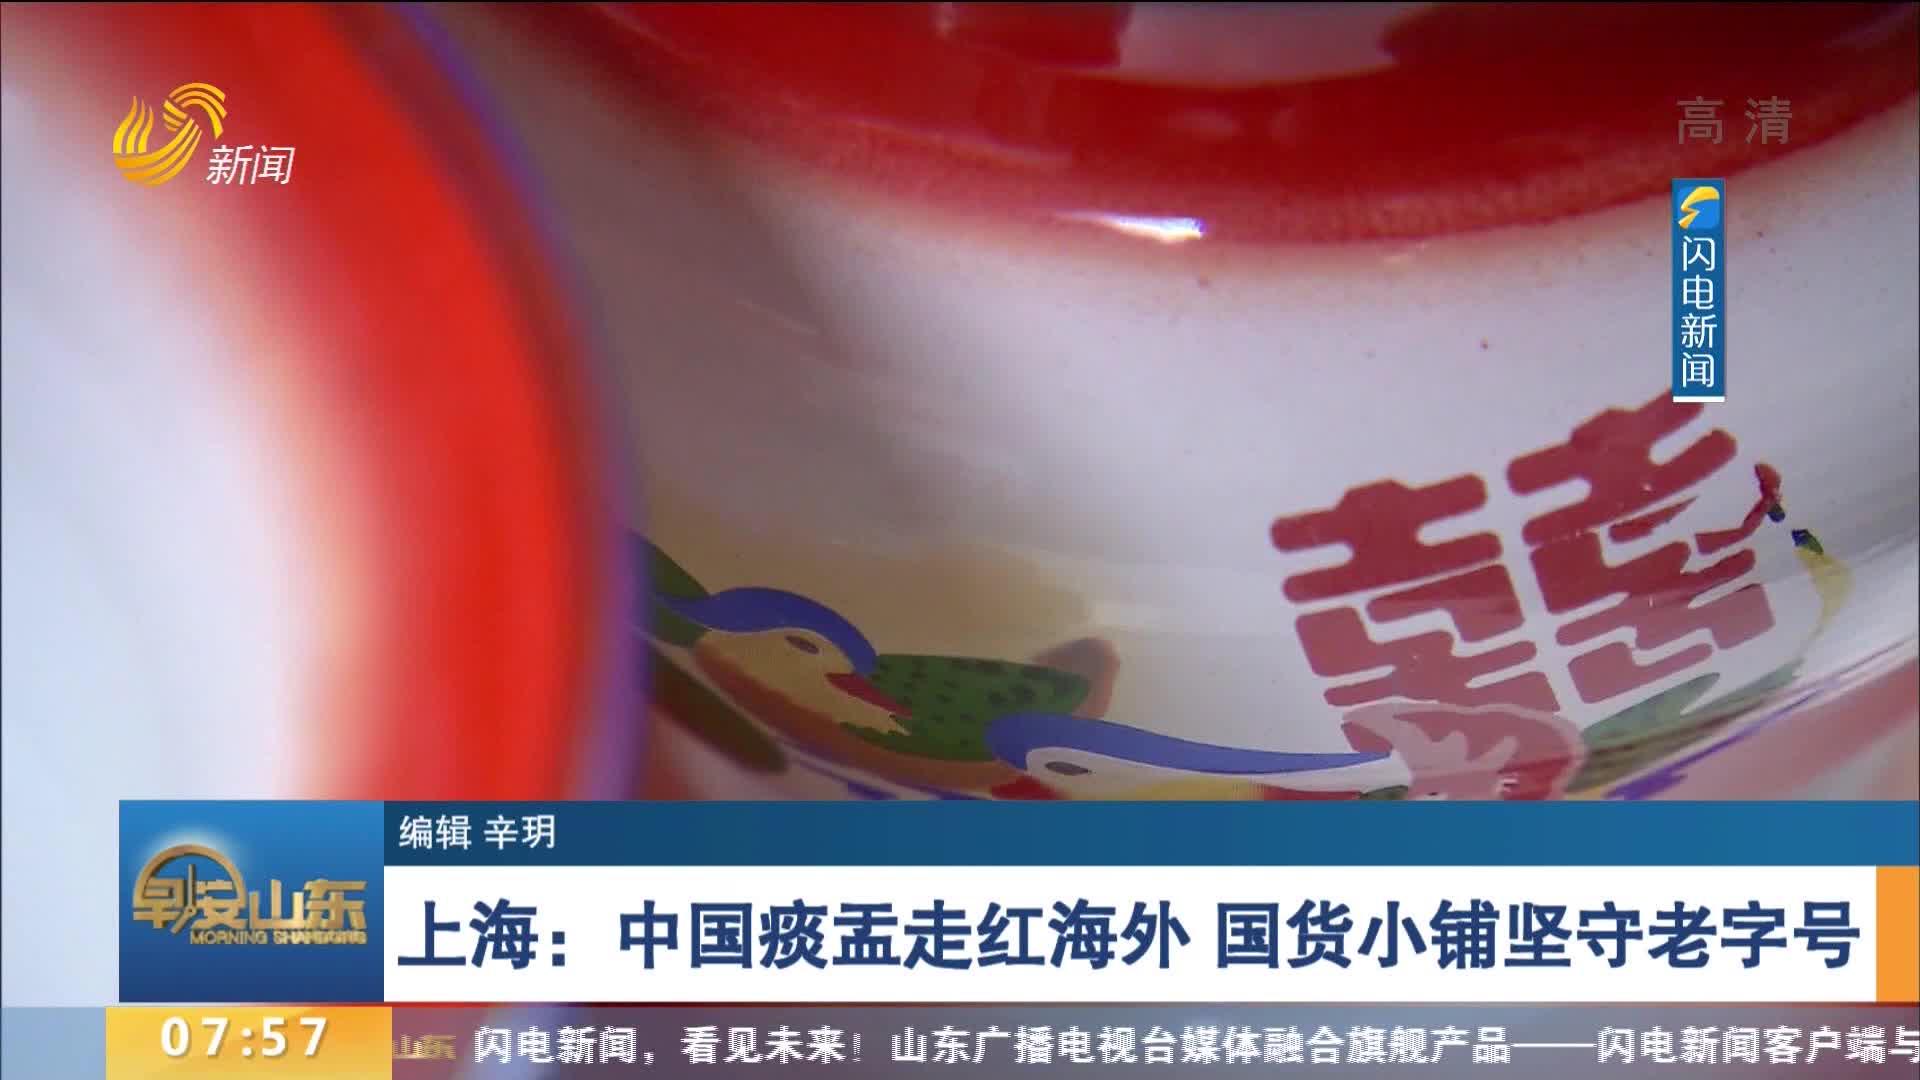 上海:中国痰盂走红海外 国货小铺坚守老字号